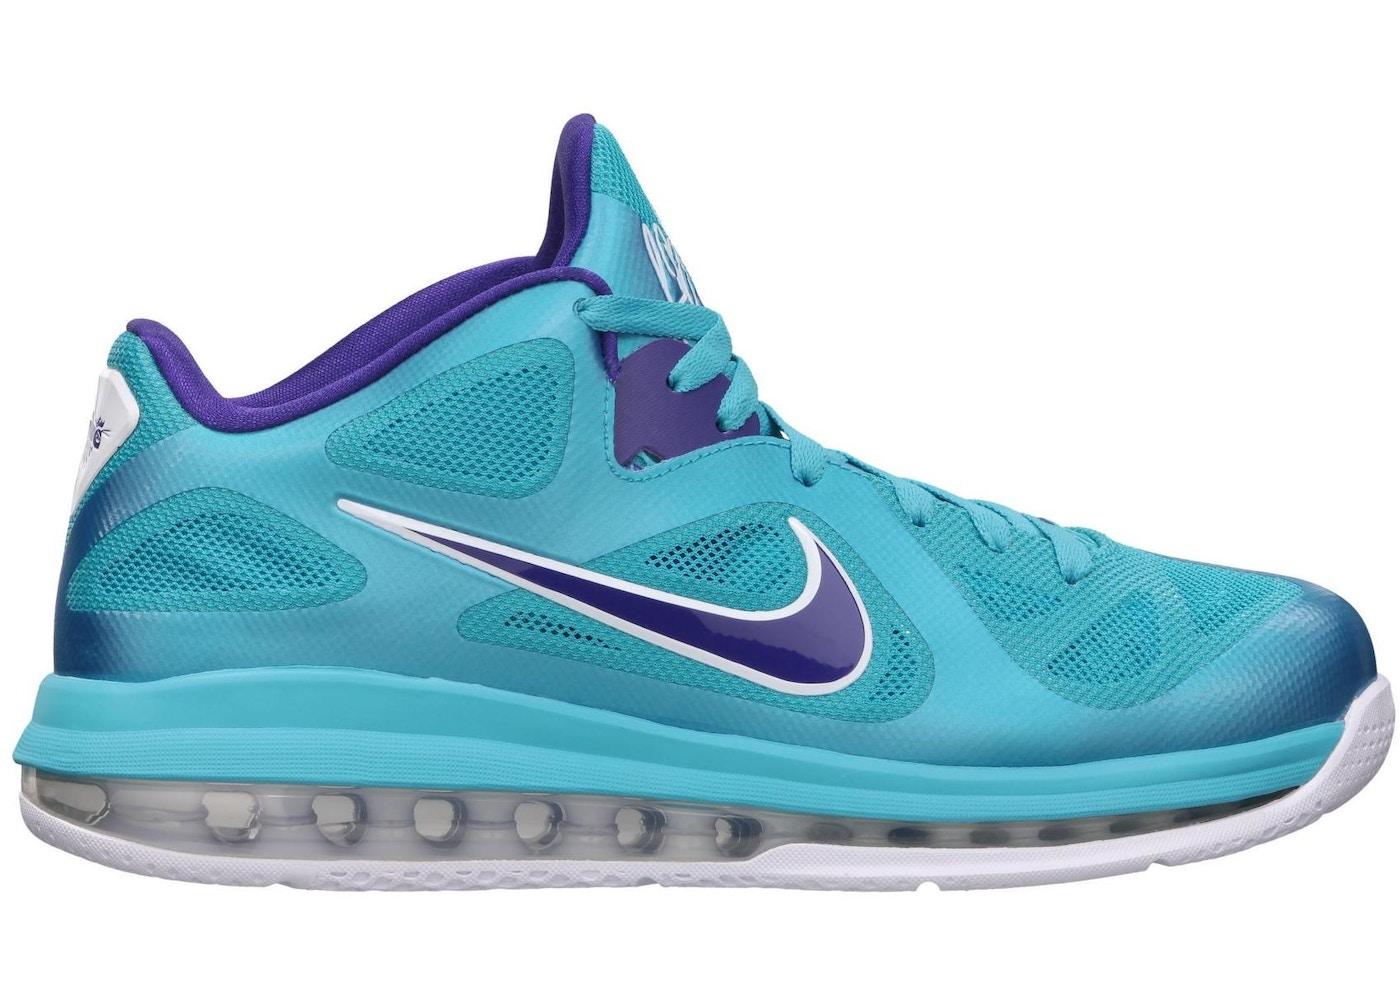 4c5b434ee162 Buy Nike LeBron 9 Shoes   Deadstock Sneakers